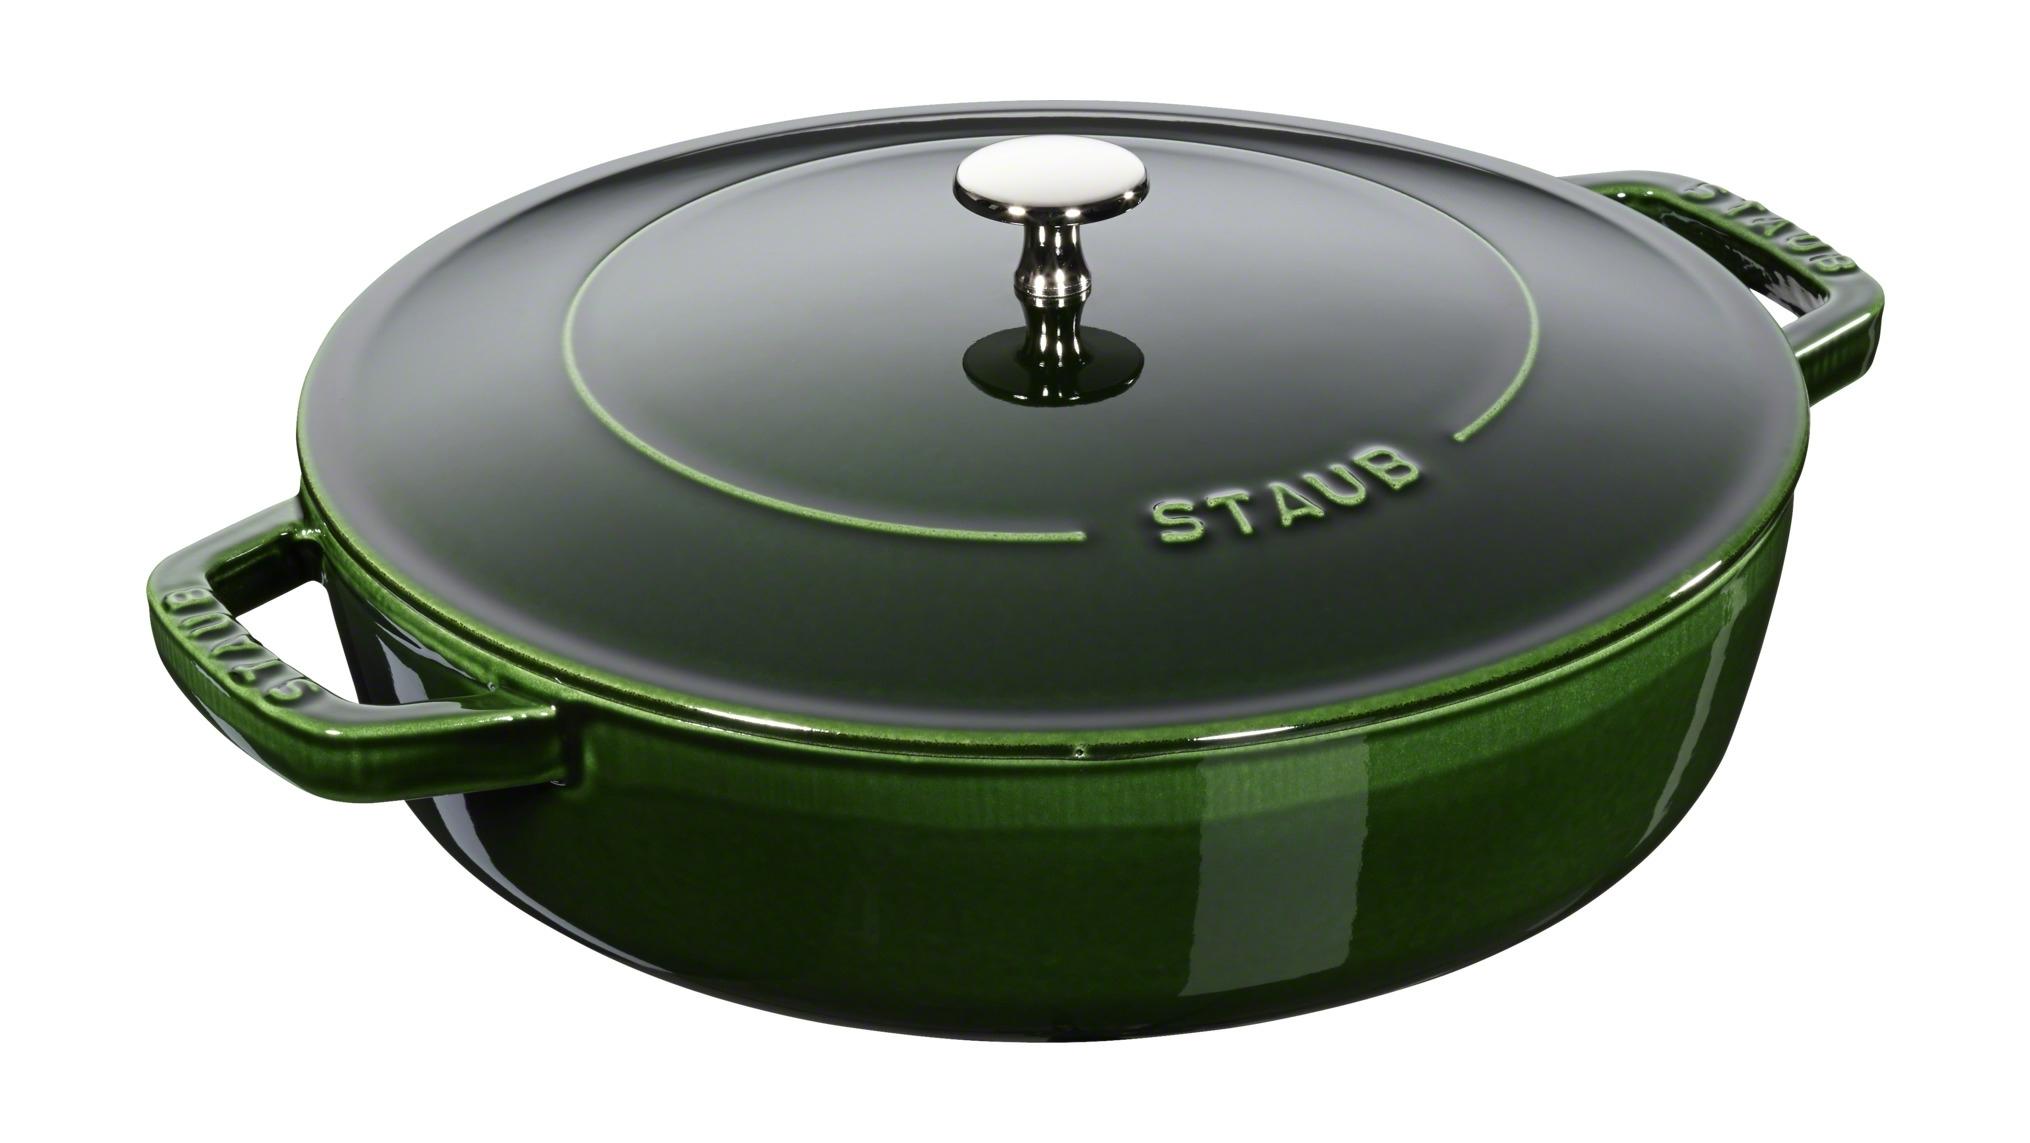 Купить Сотейник Staub чистера с чугунной крышкой, 28 см, 3, 7 л, базилик 12612885